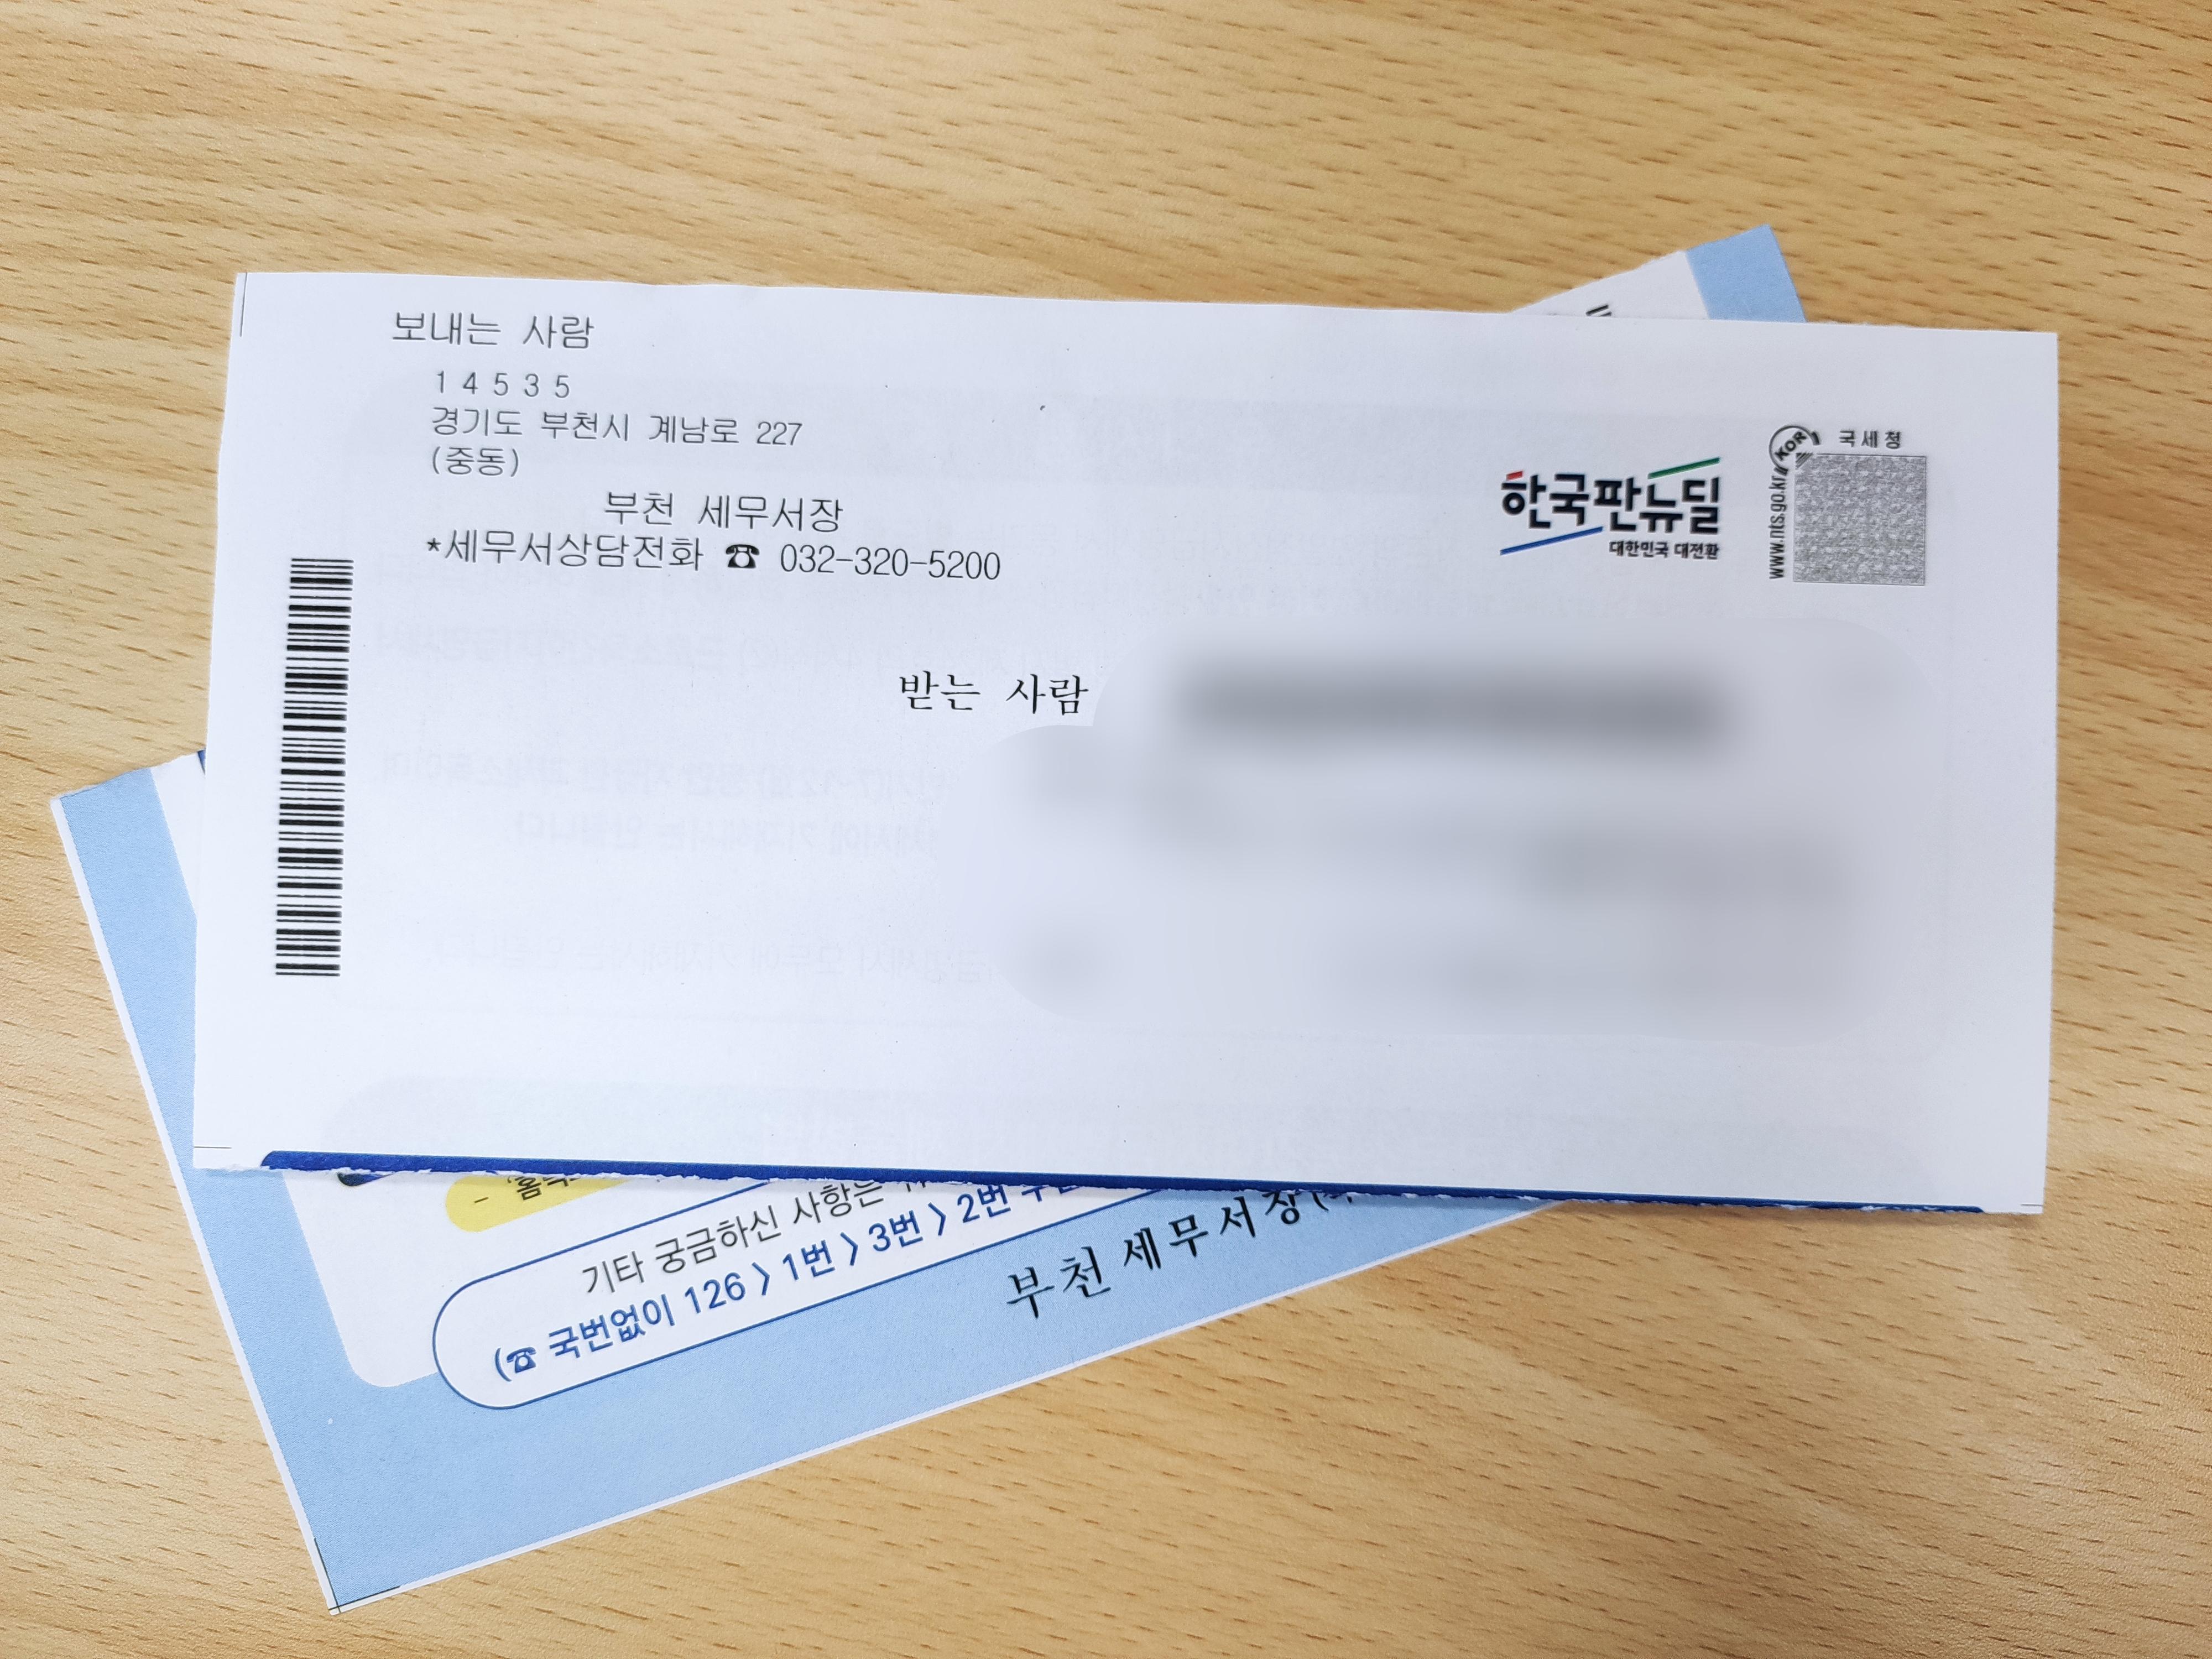 국세청 발송 우편 고지서